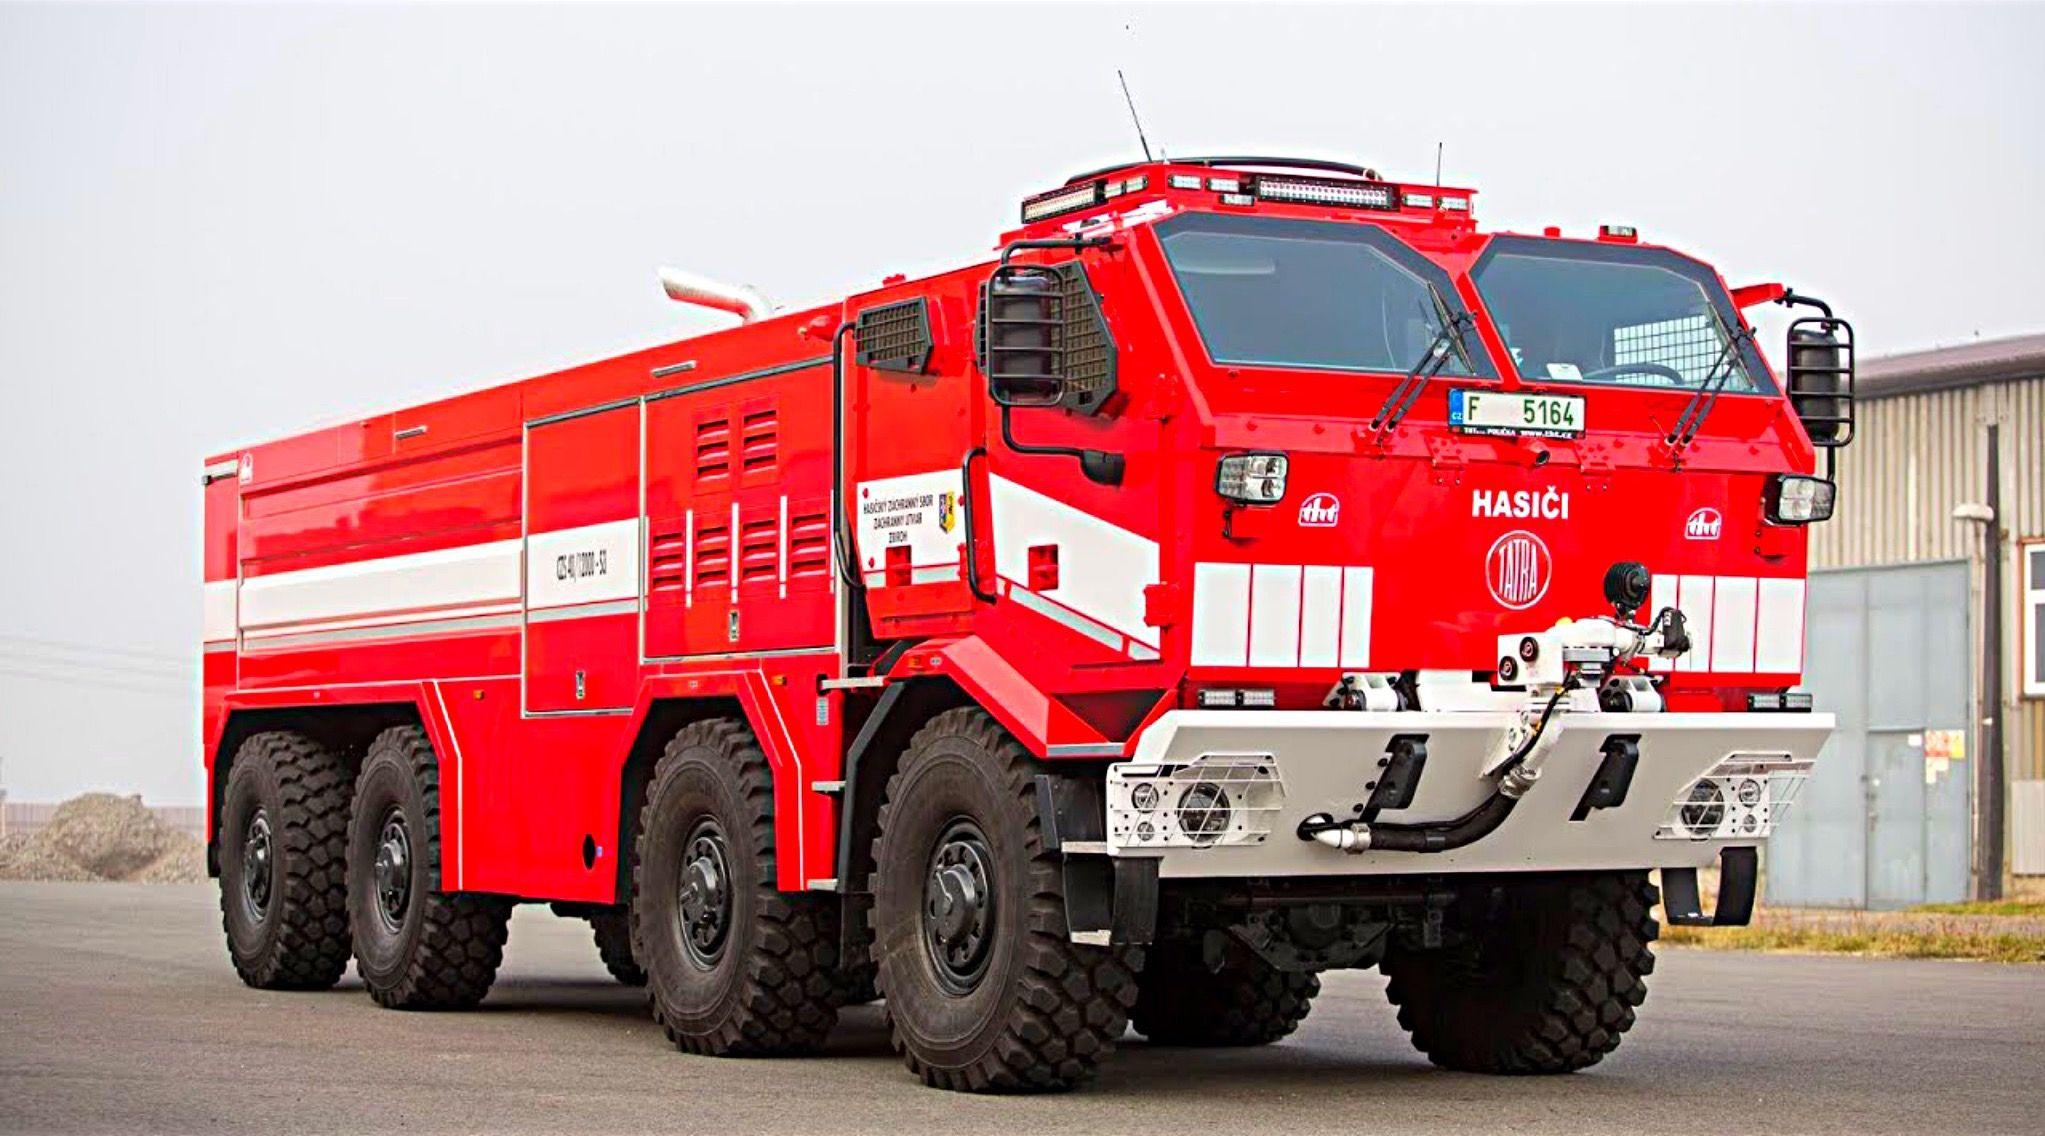 Tatra Czs 40 Titan Fire Truck With Large Volume Tanks Camera